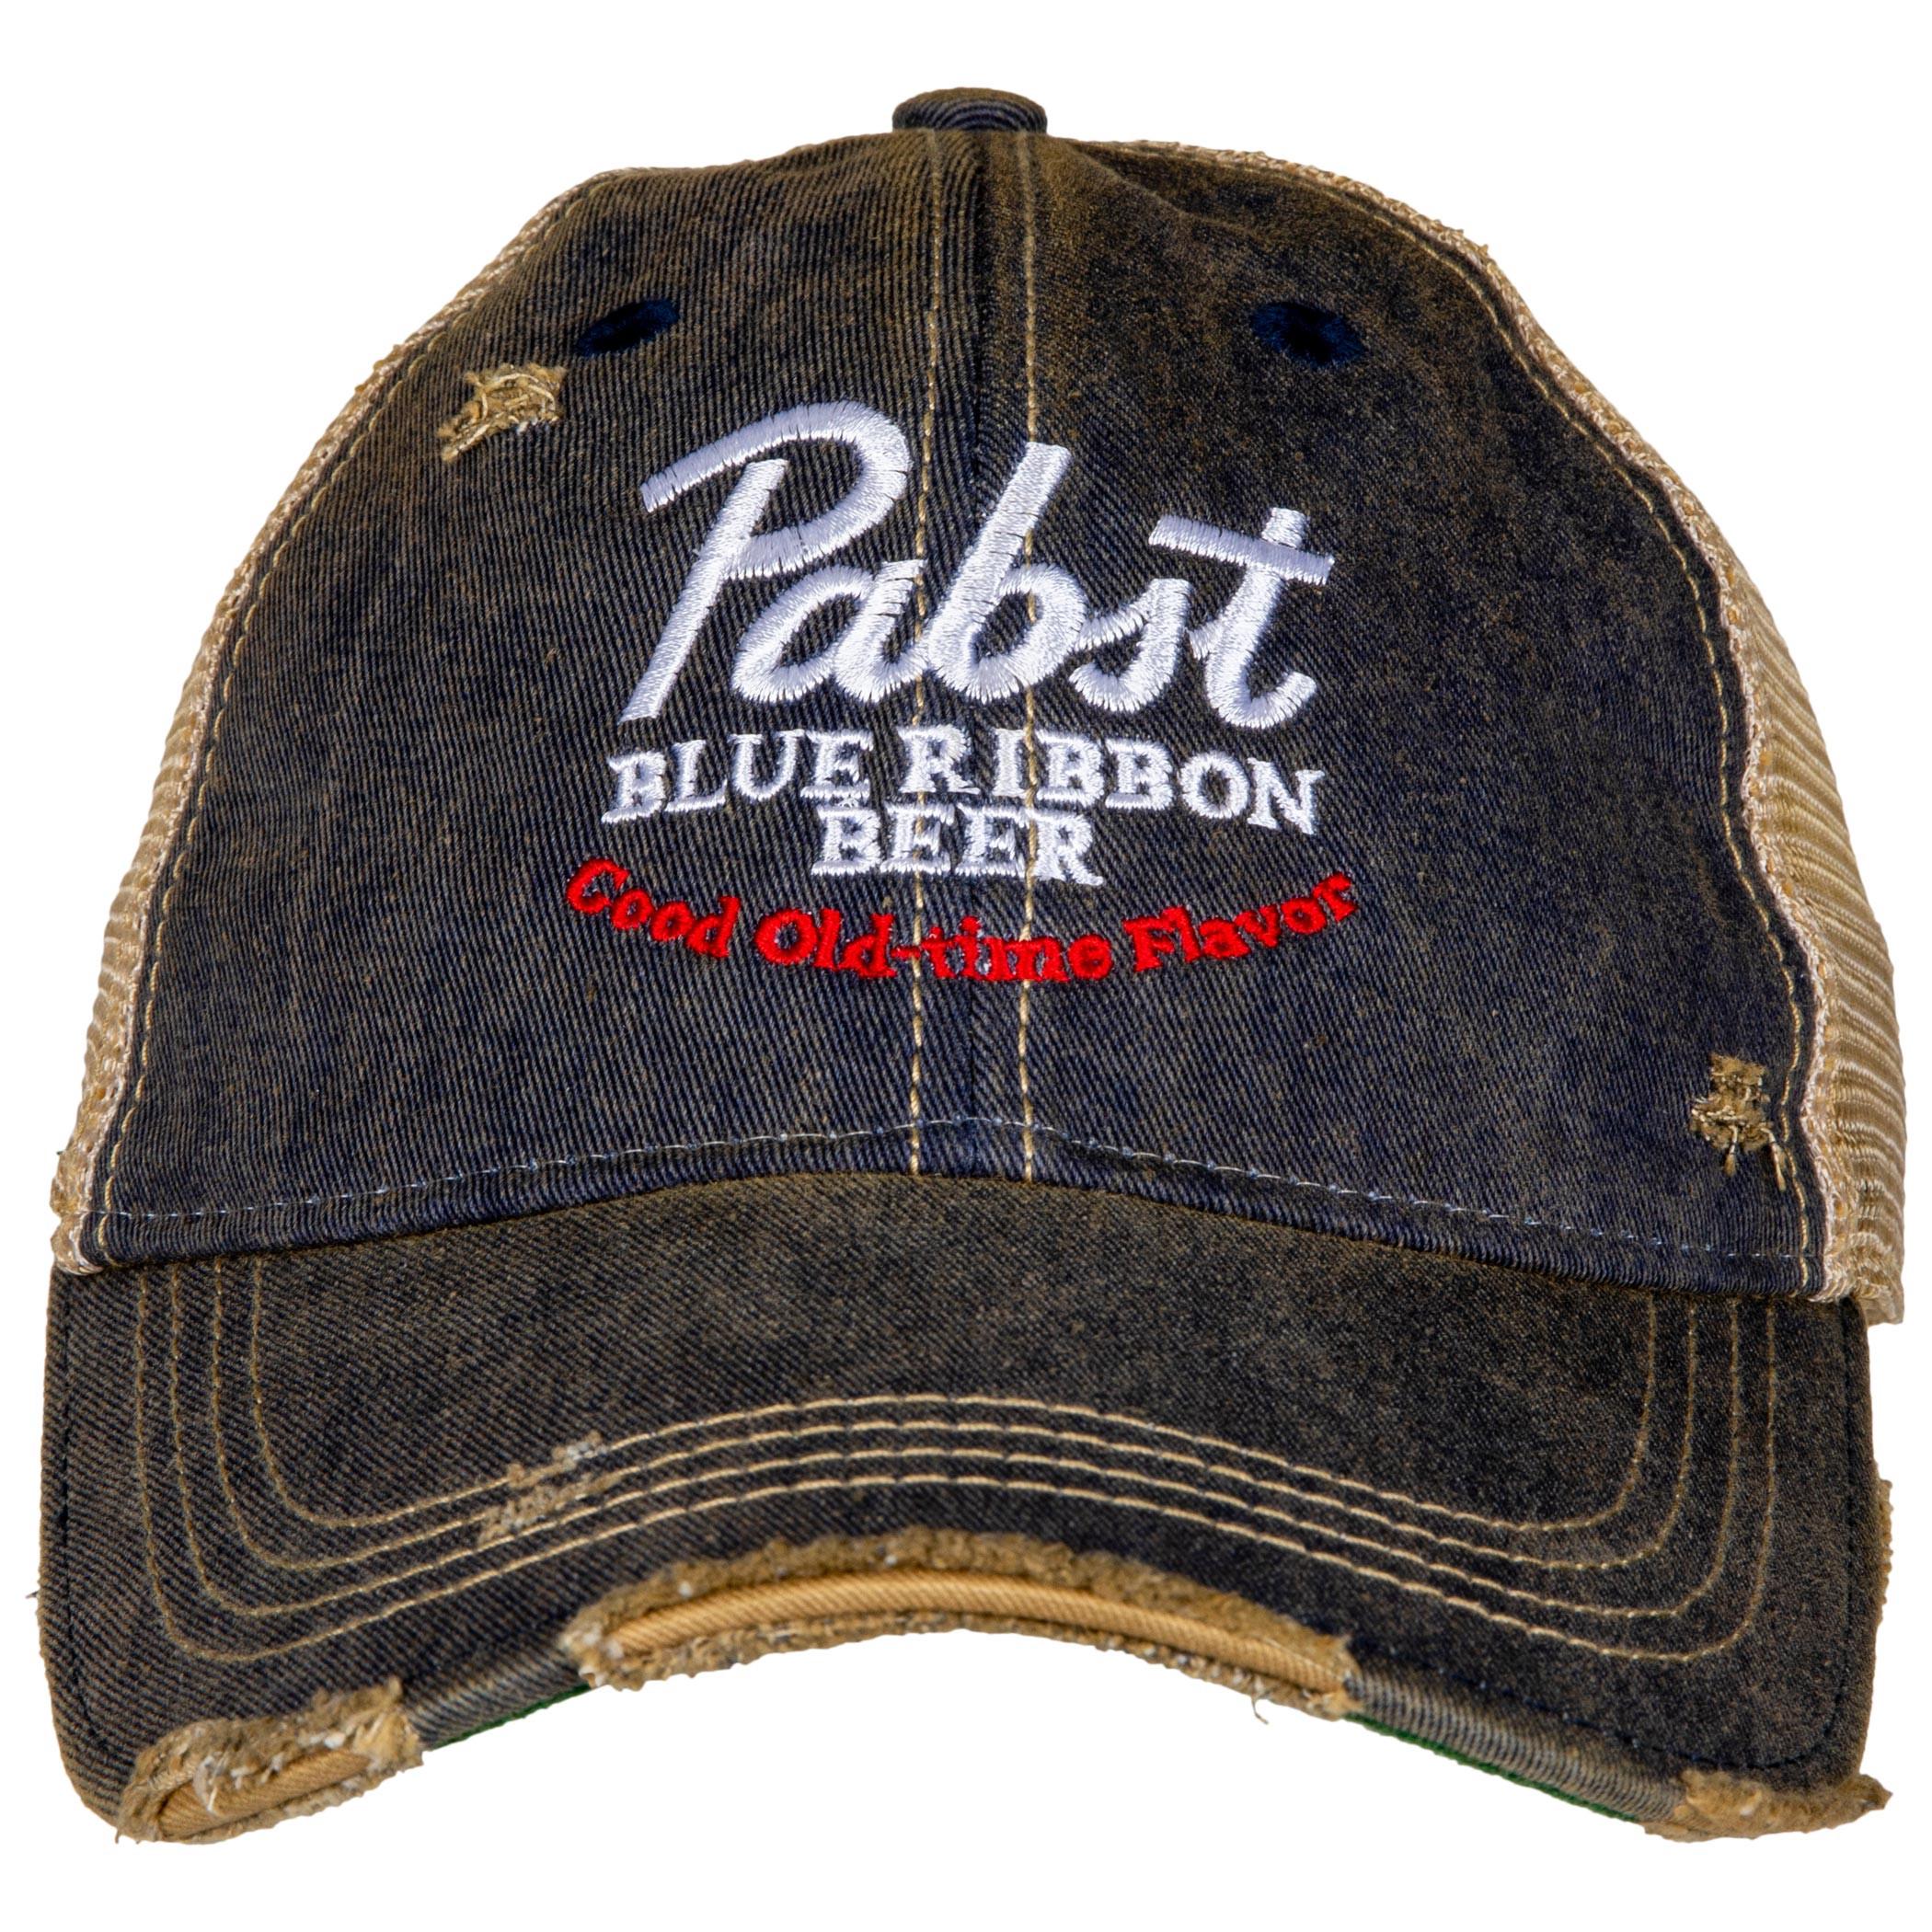 Pabst Blue Ribbon Beer Good Old Flavor Vintage Trucker Hat